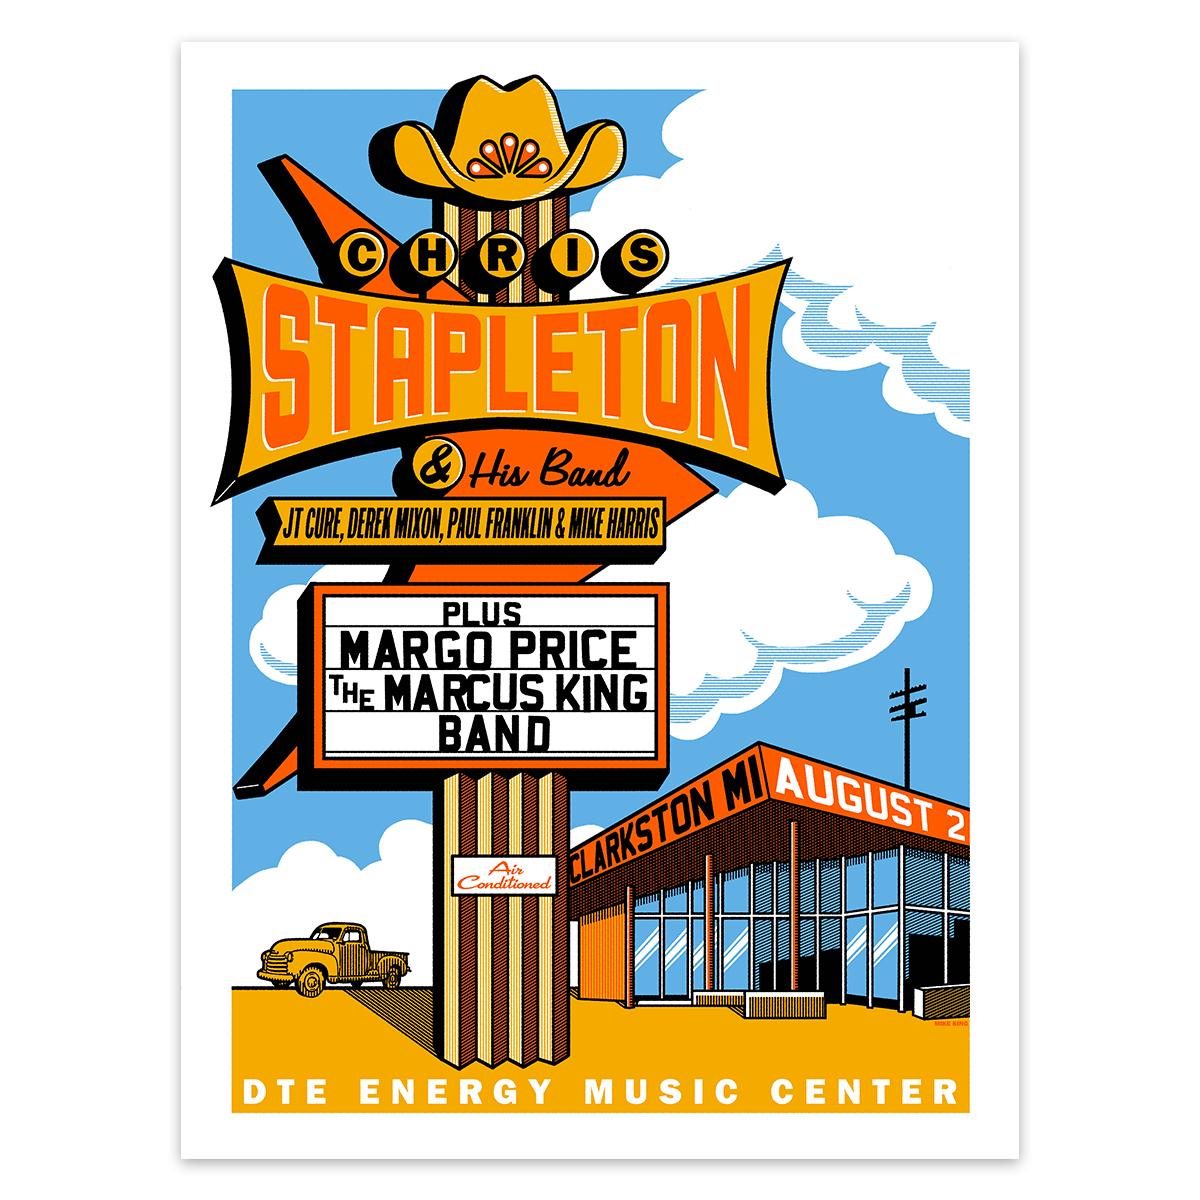 Chris Stapleton Show Poster – Clarkston, MI 8/2/19